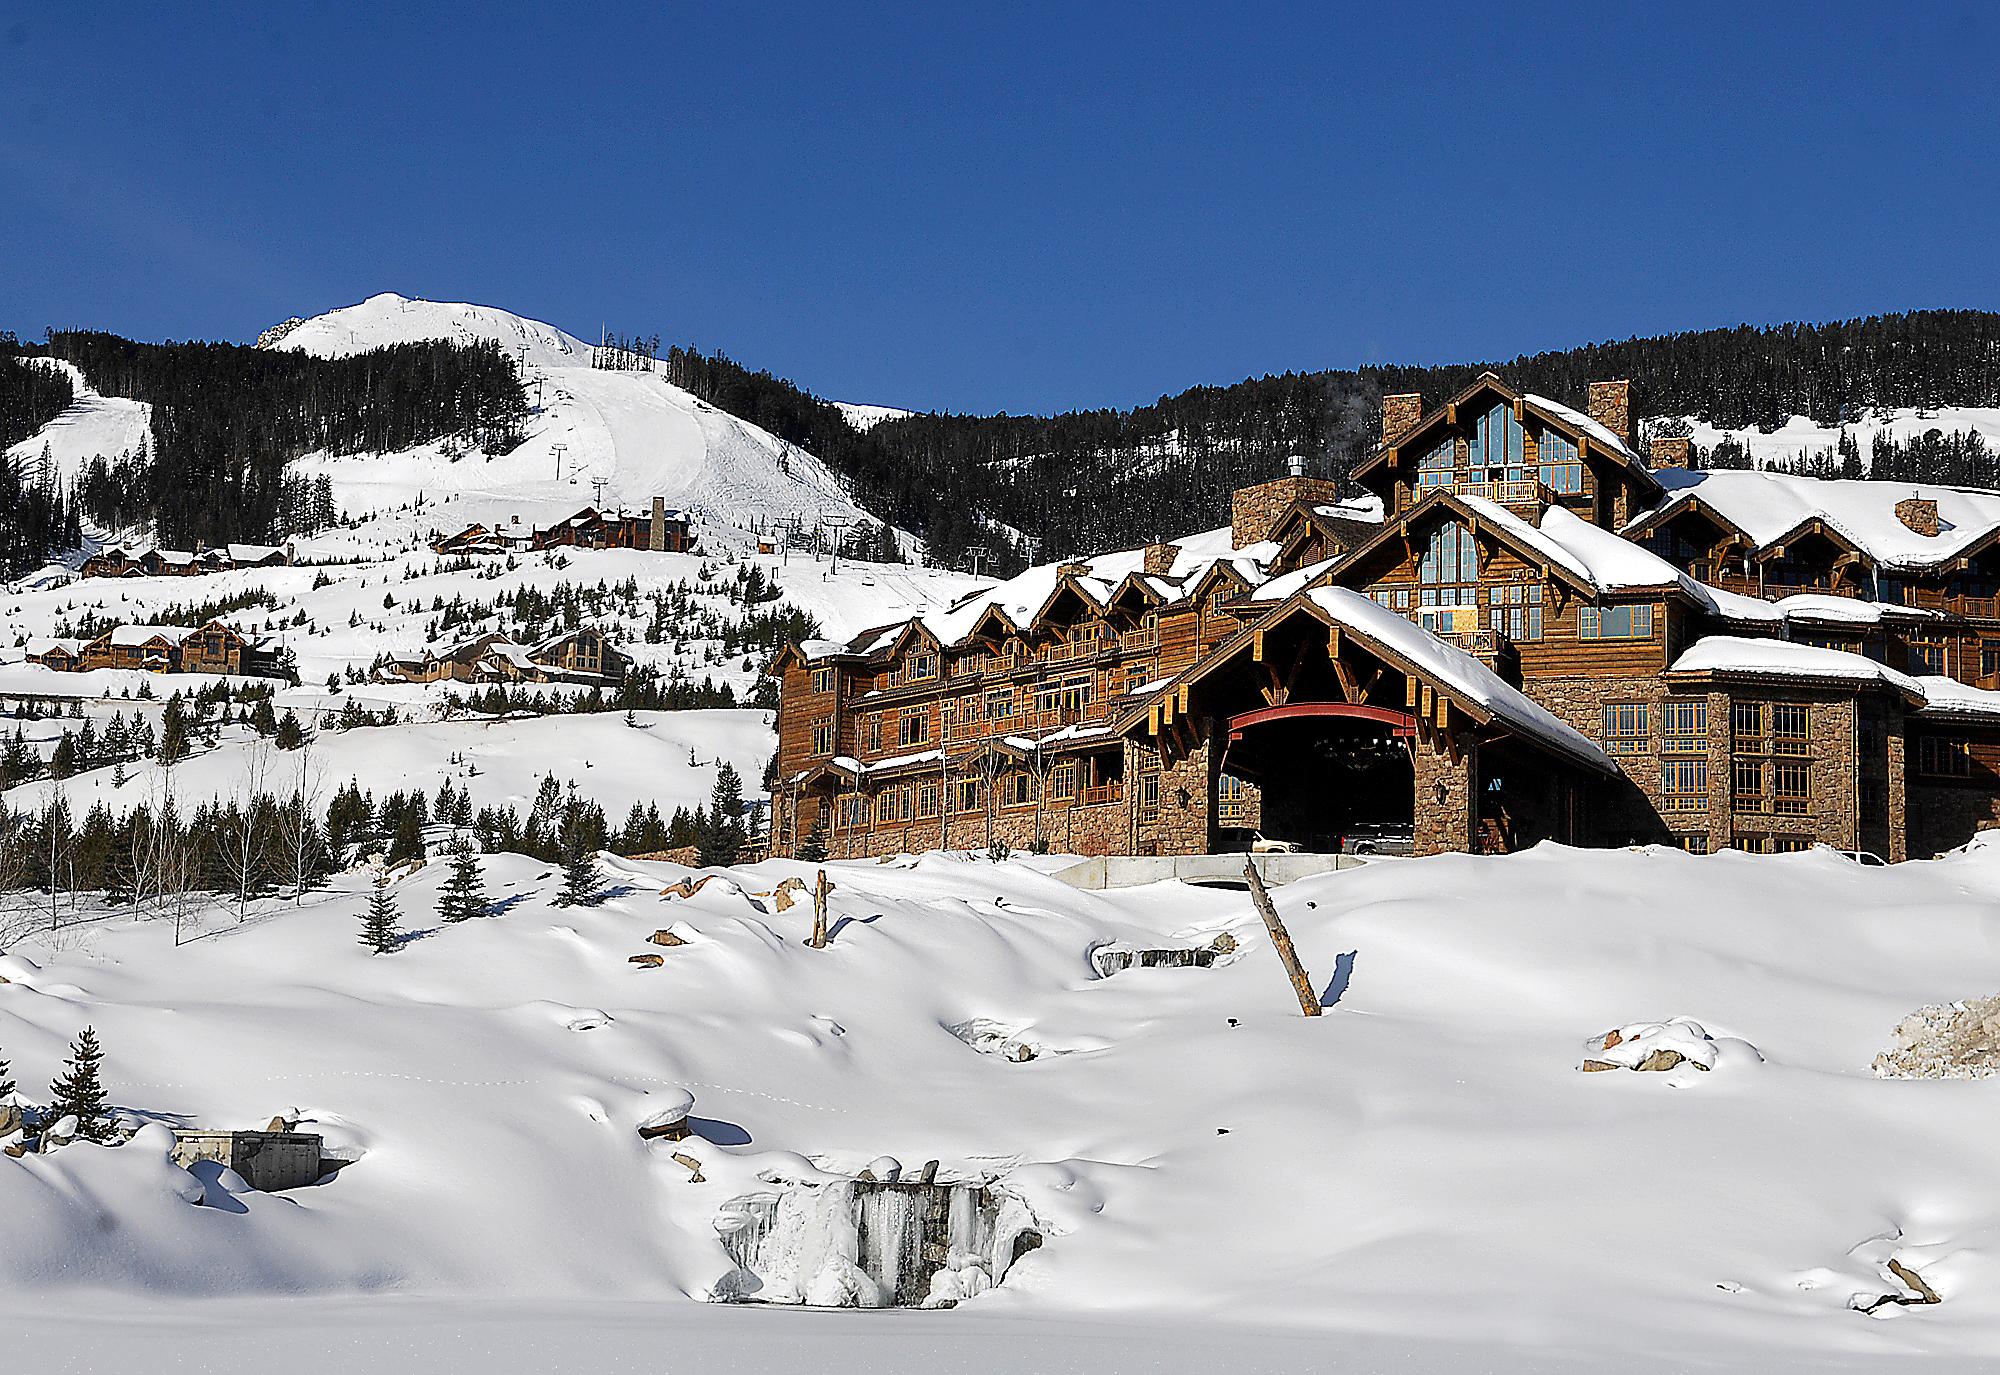 Yellowstone Club near Big Sky, Montana.